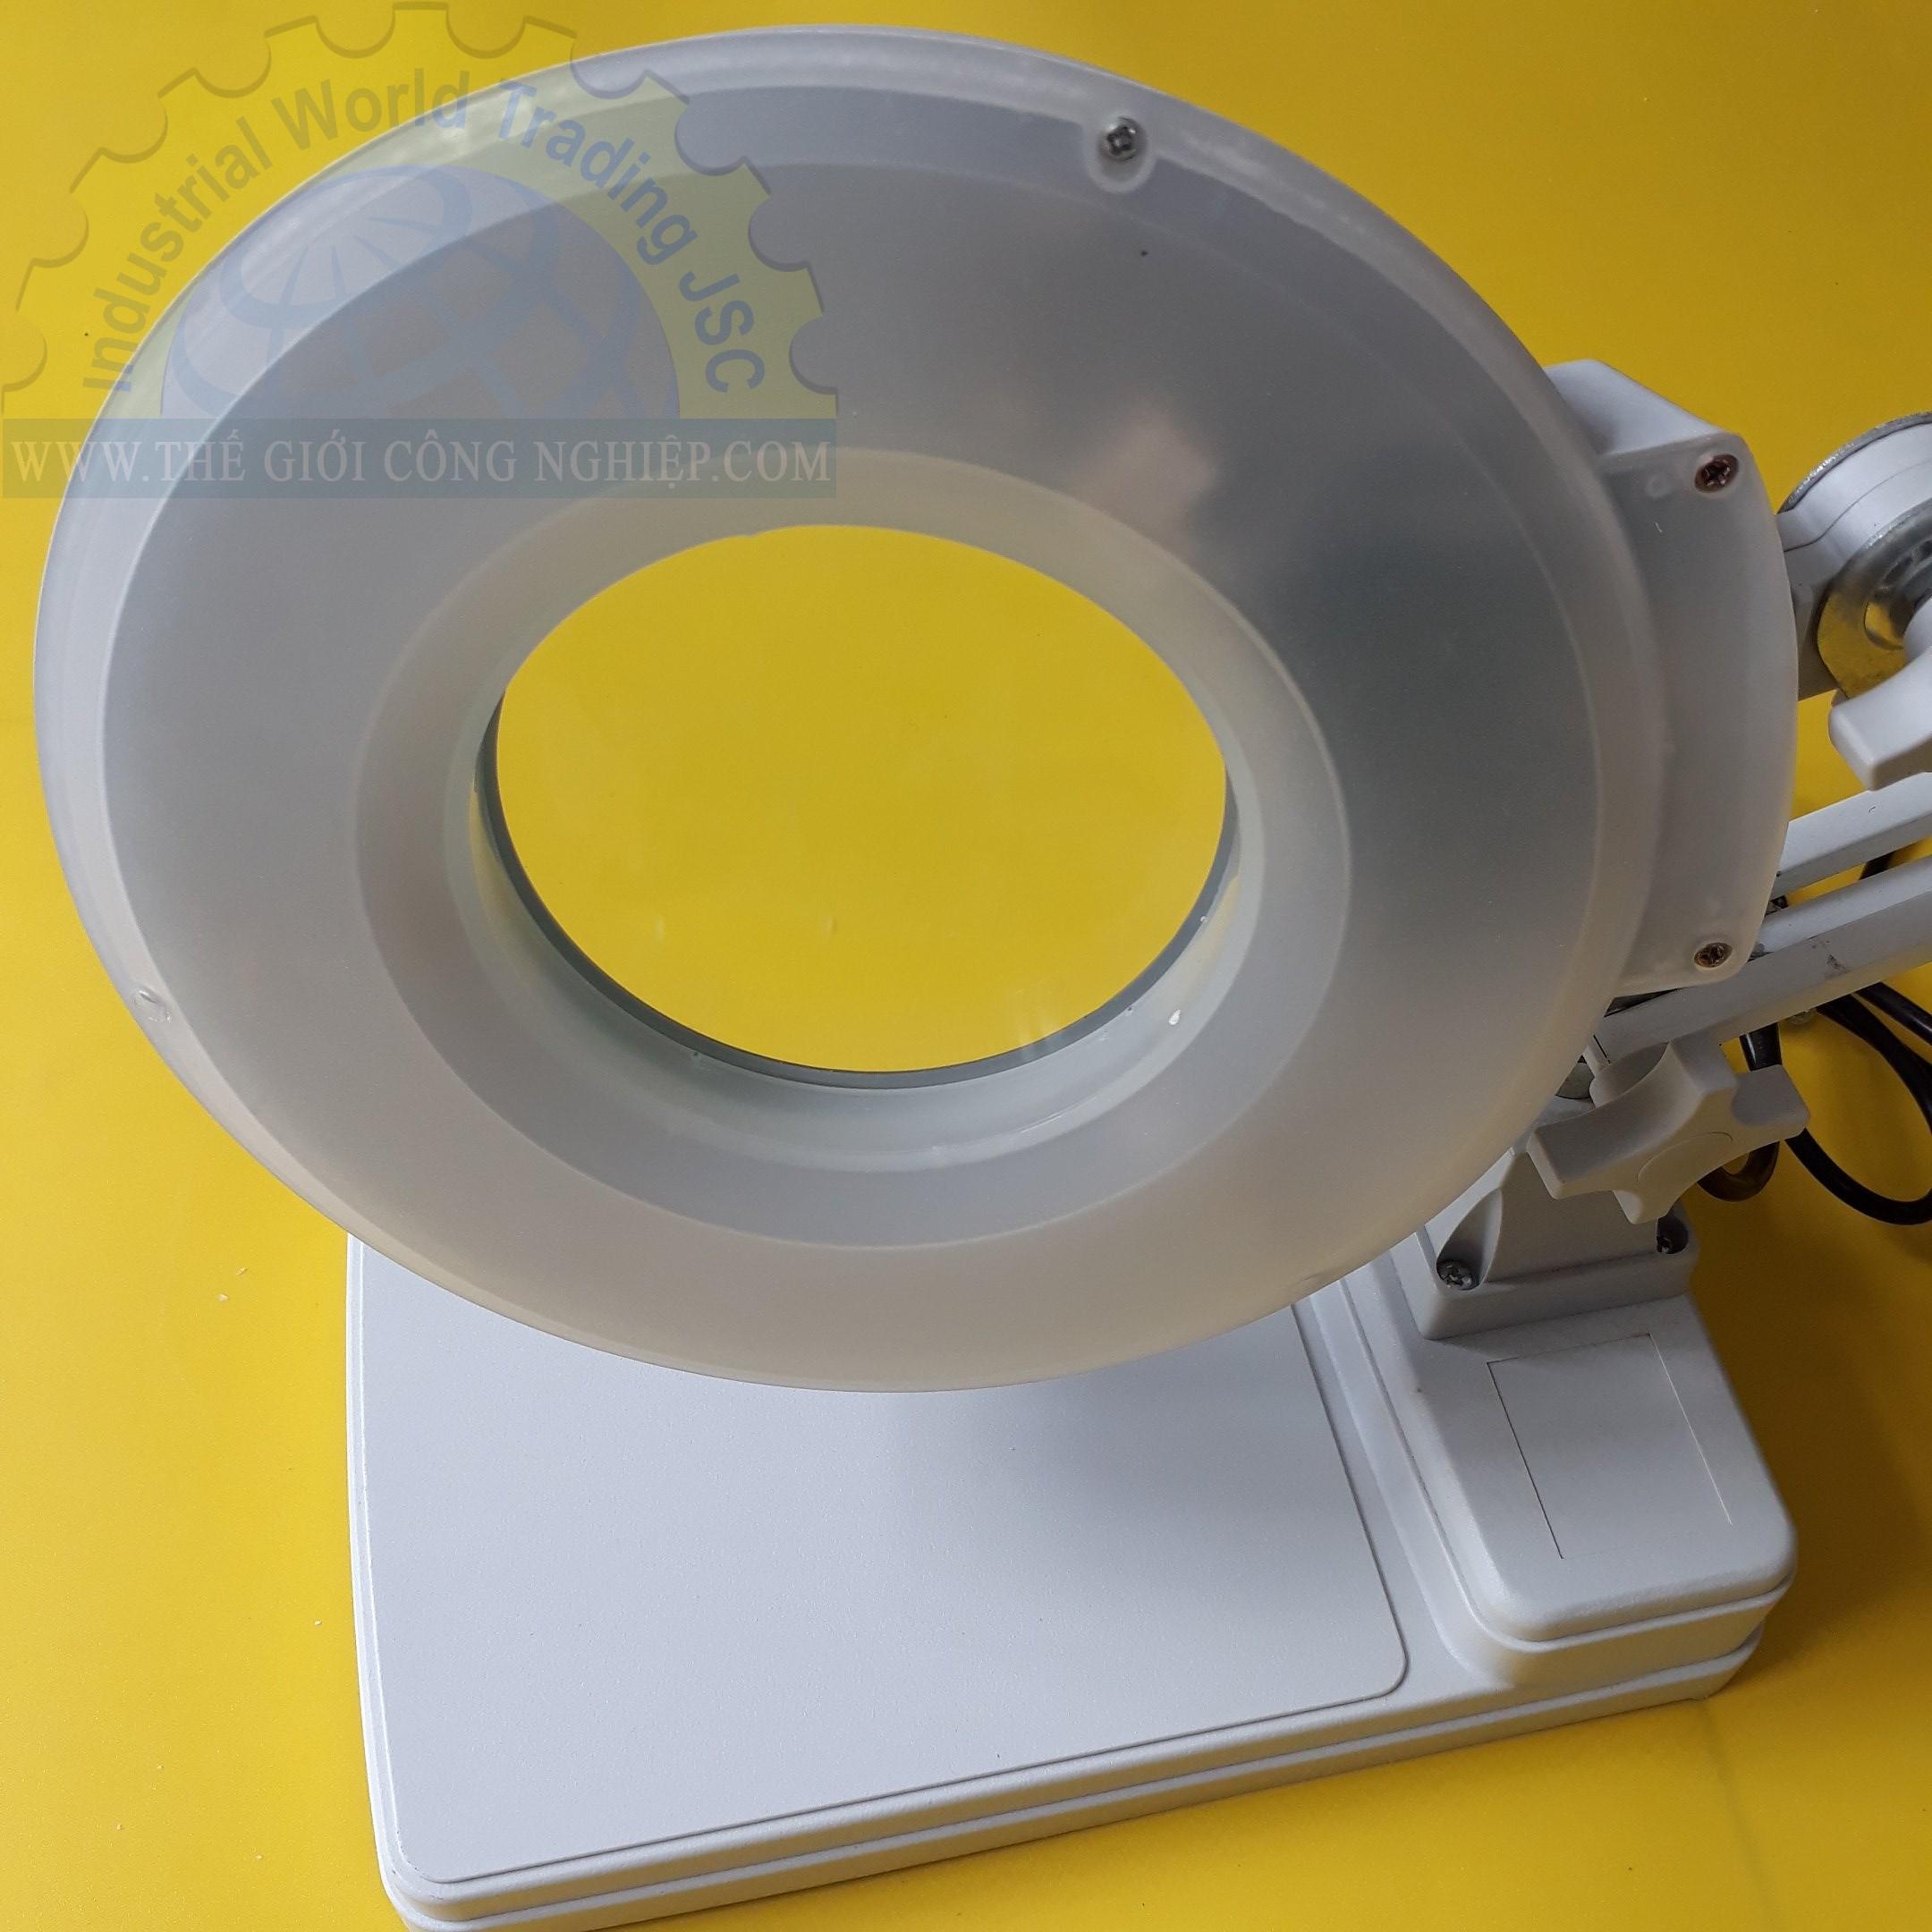 Kính lúp để bàn  đèn LED  LT-86C LED  3X China